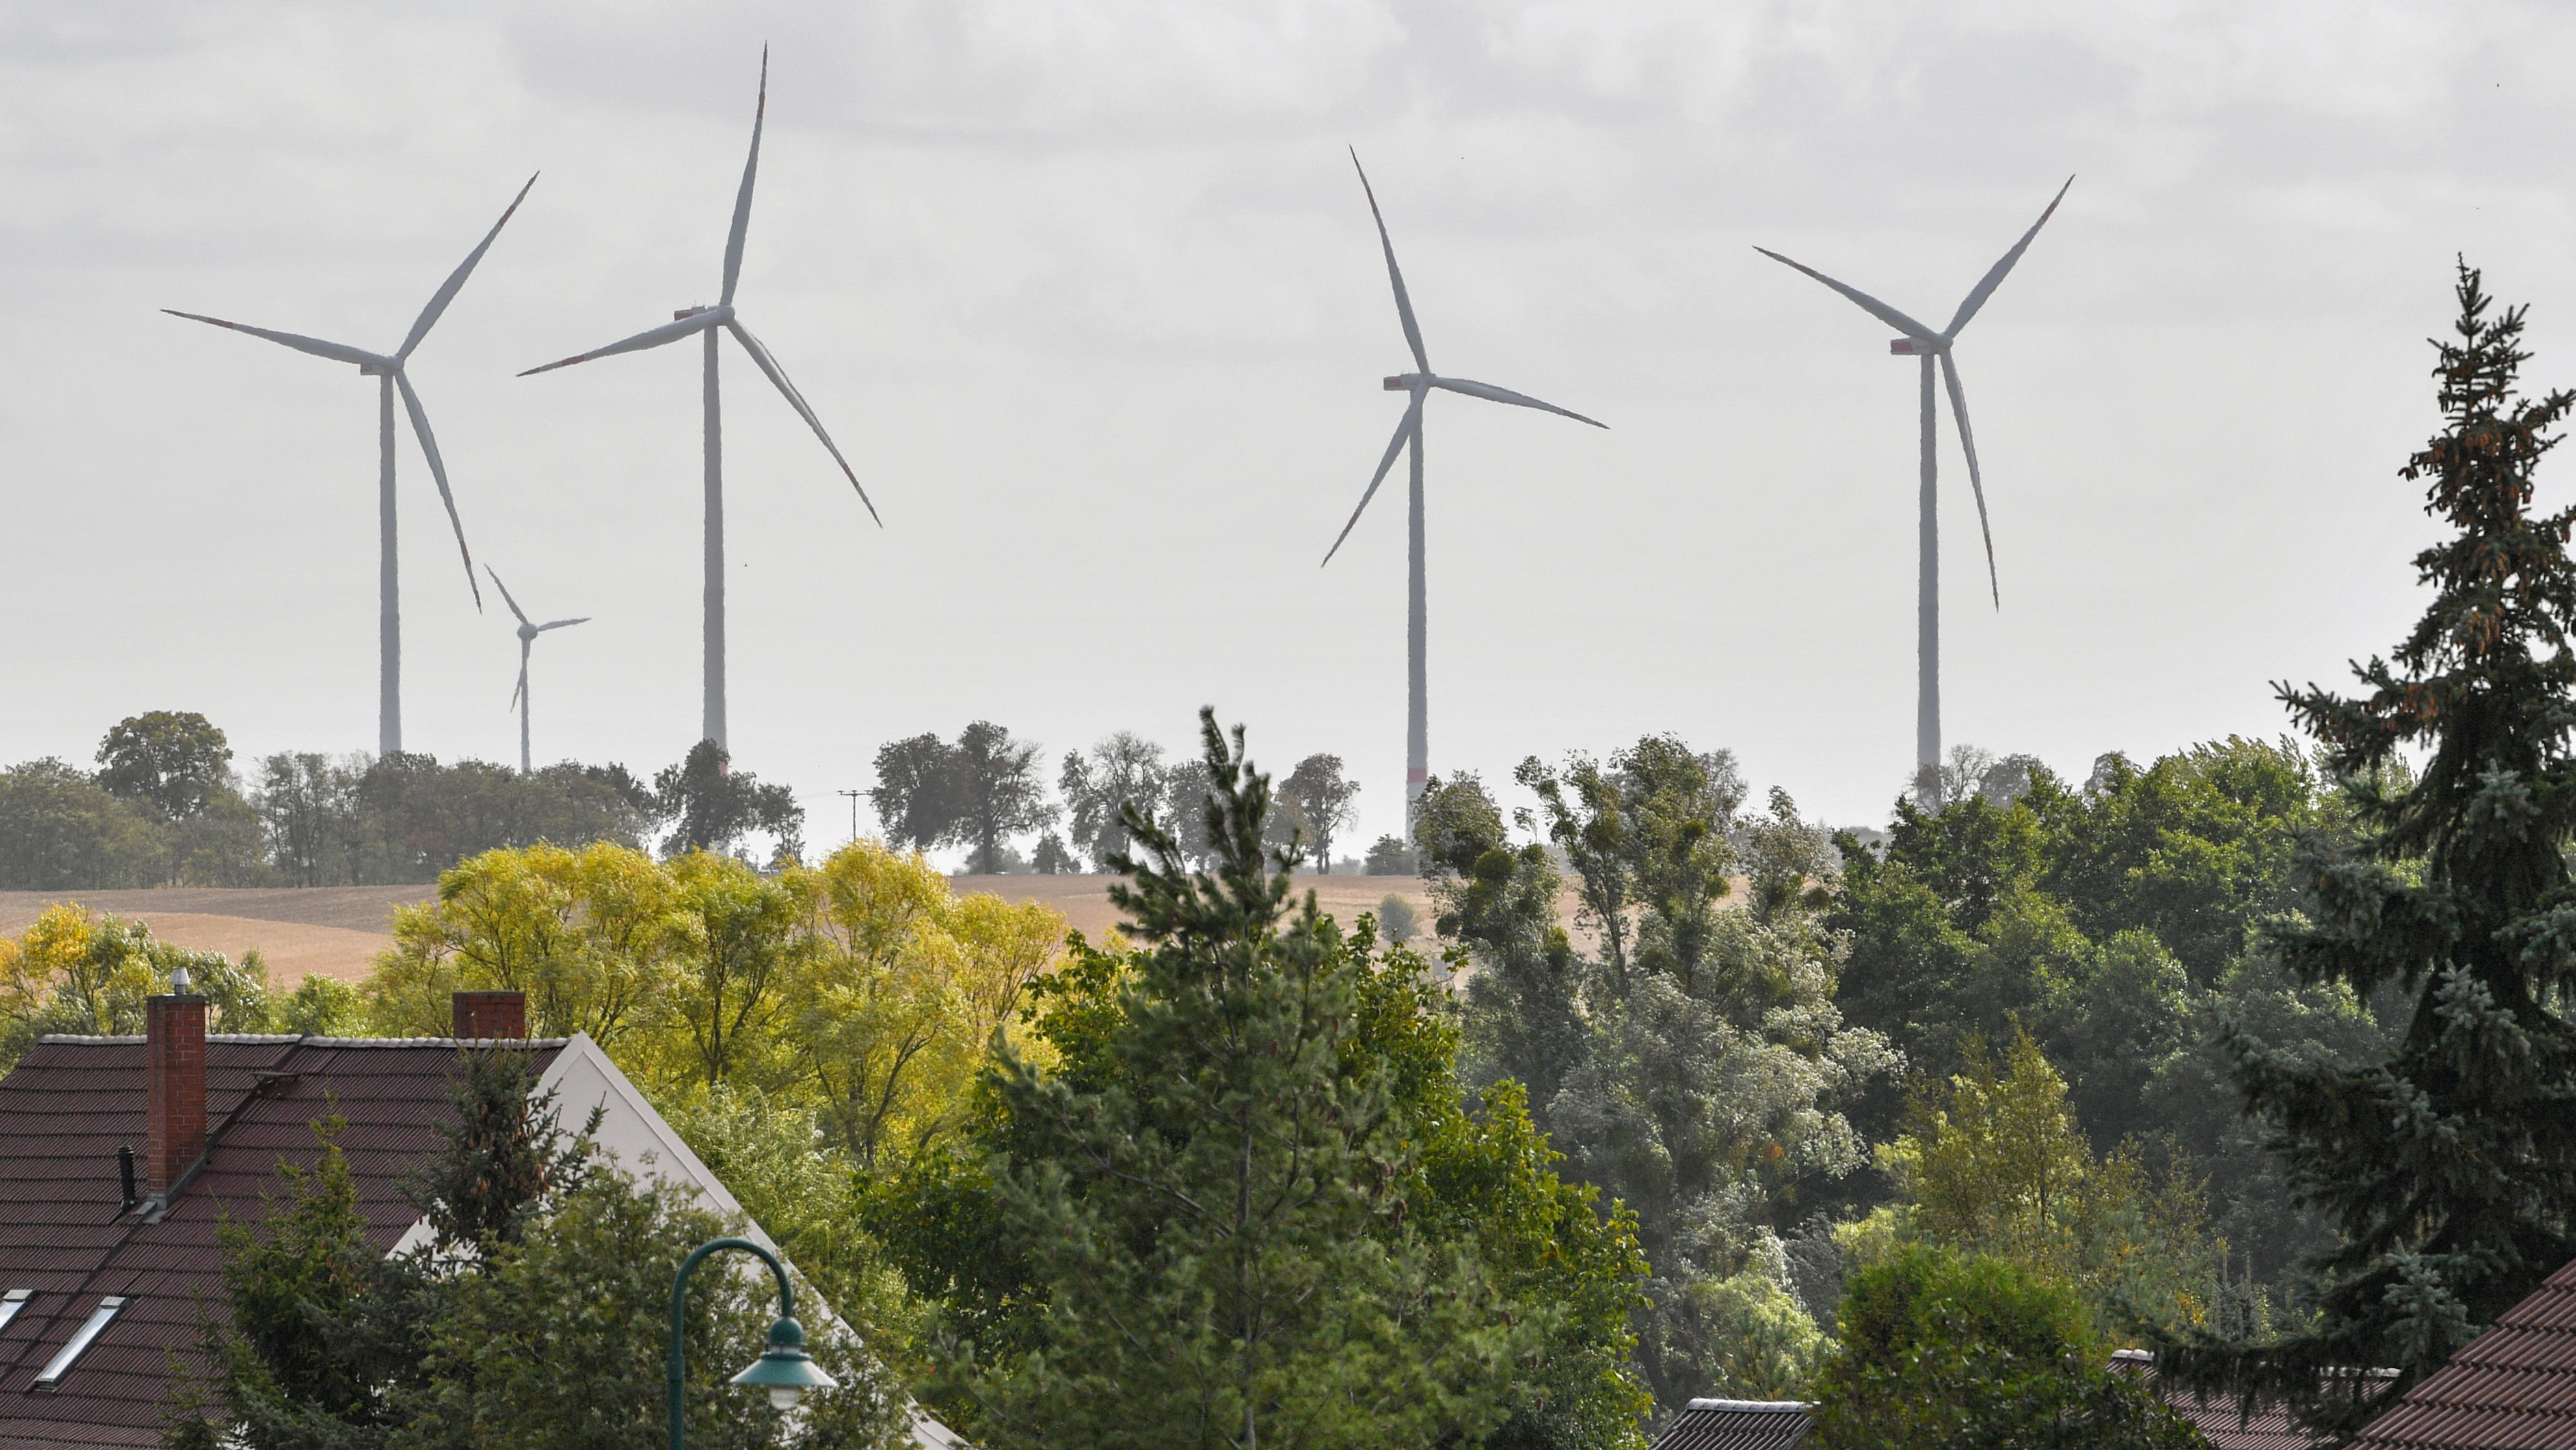 Wald oder Windkraft - Bürgerentscheid in Oerlenbach